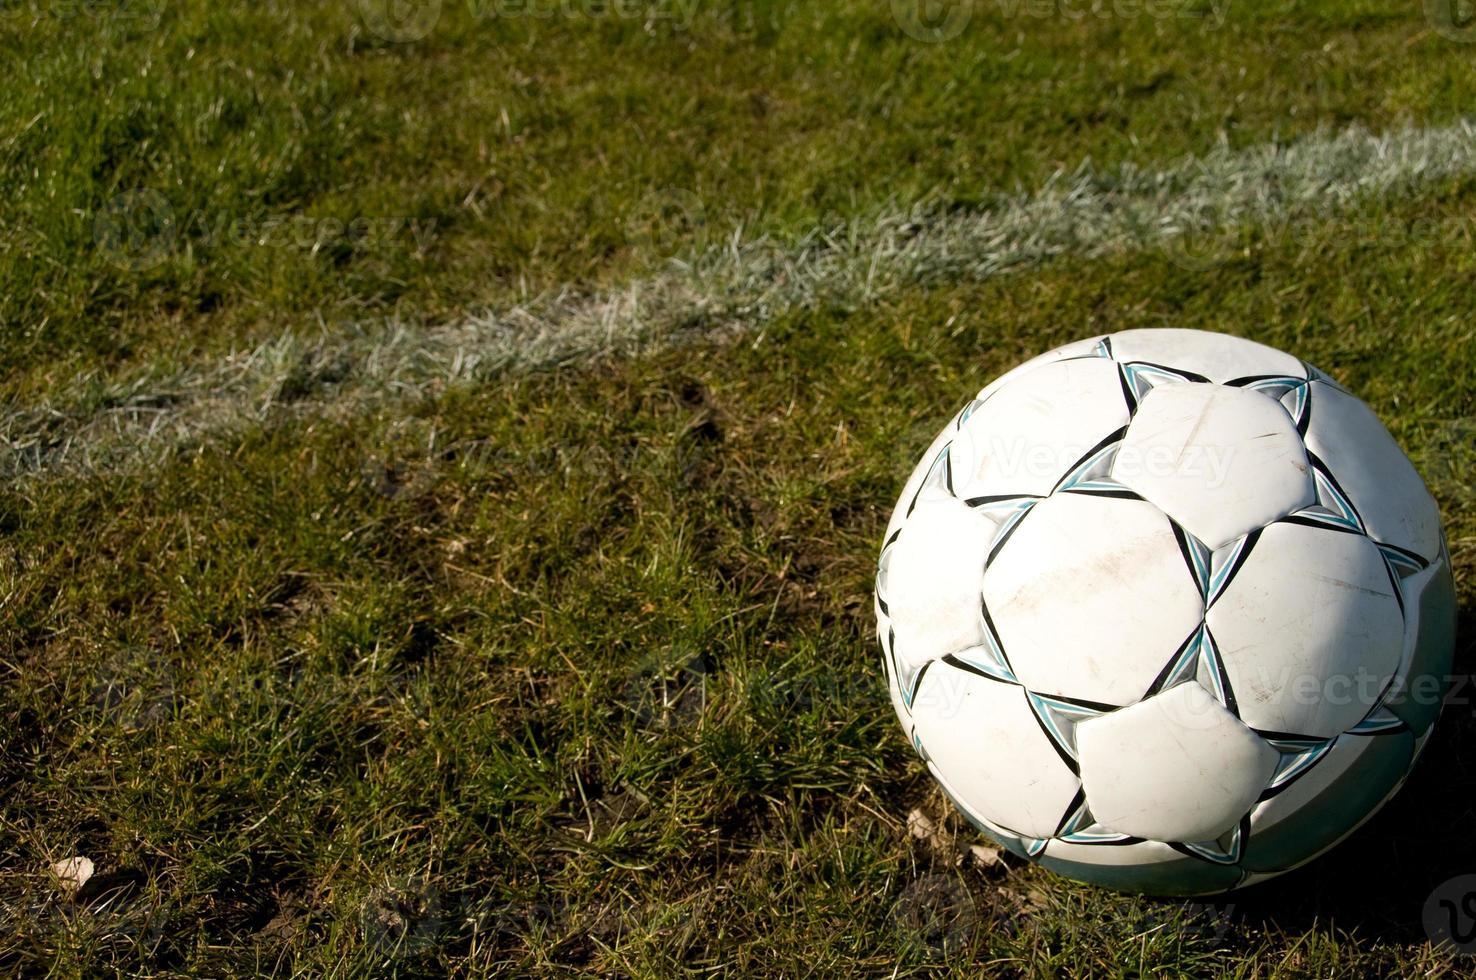 voetbal op het gras foto